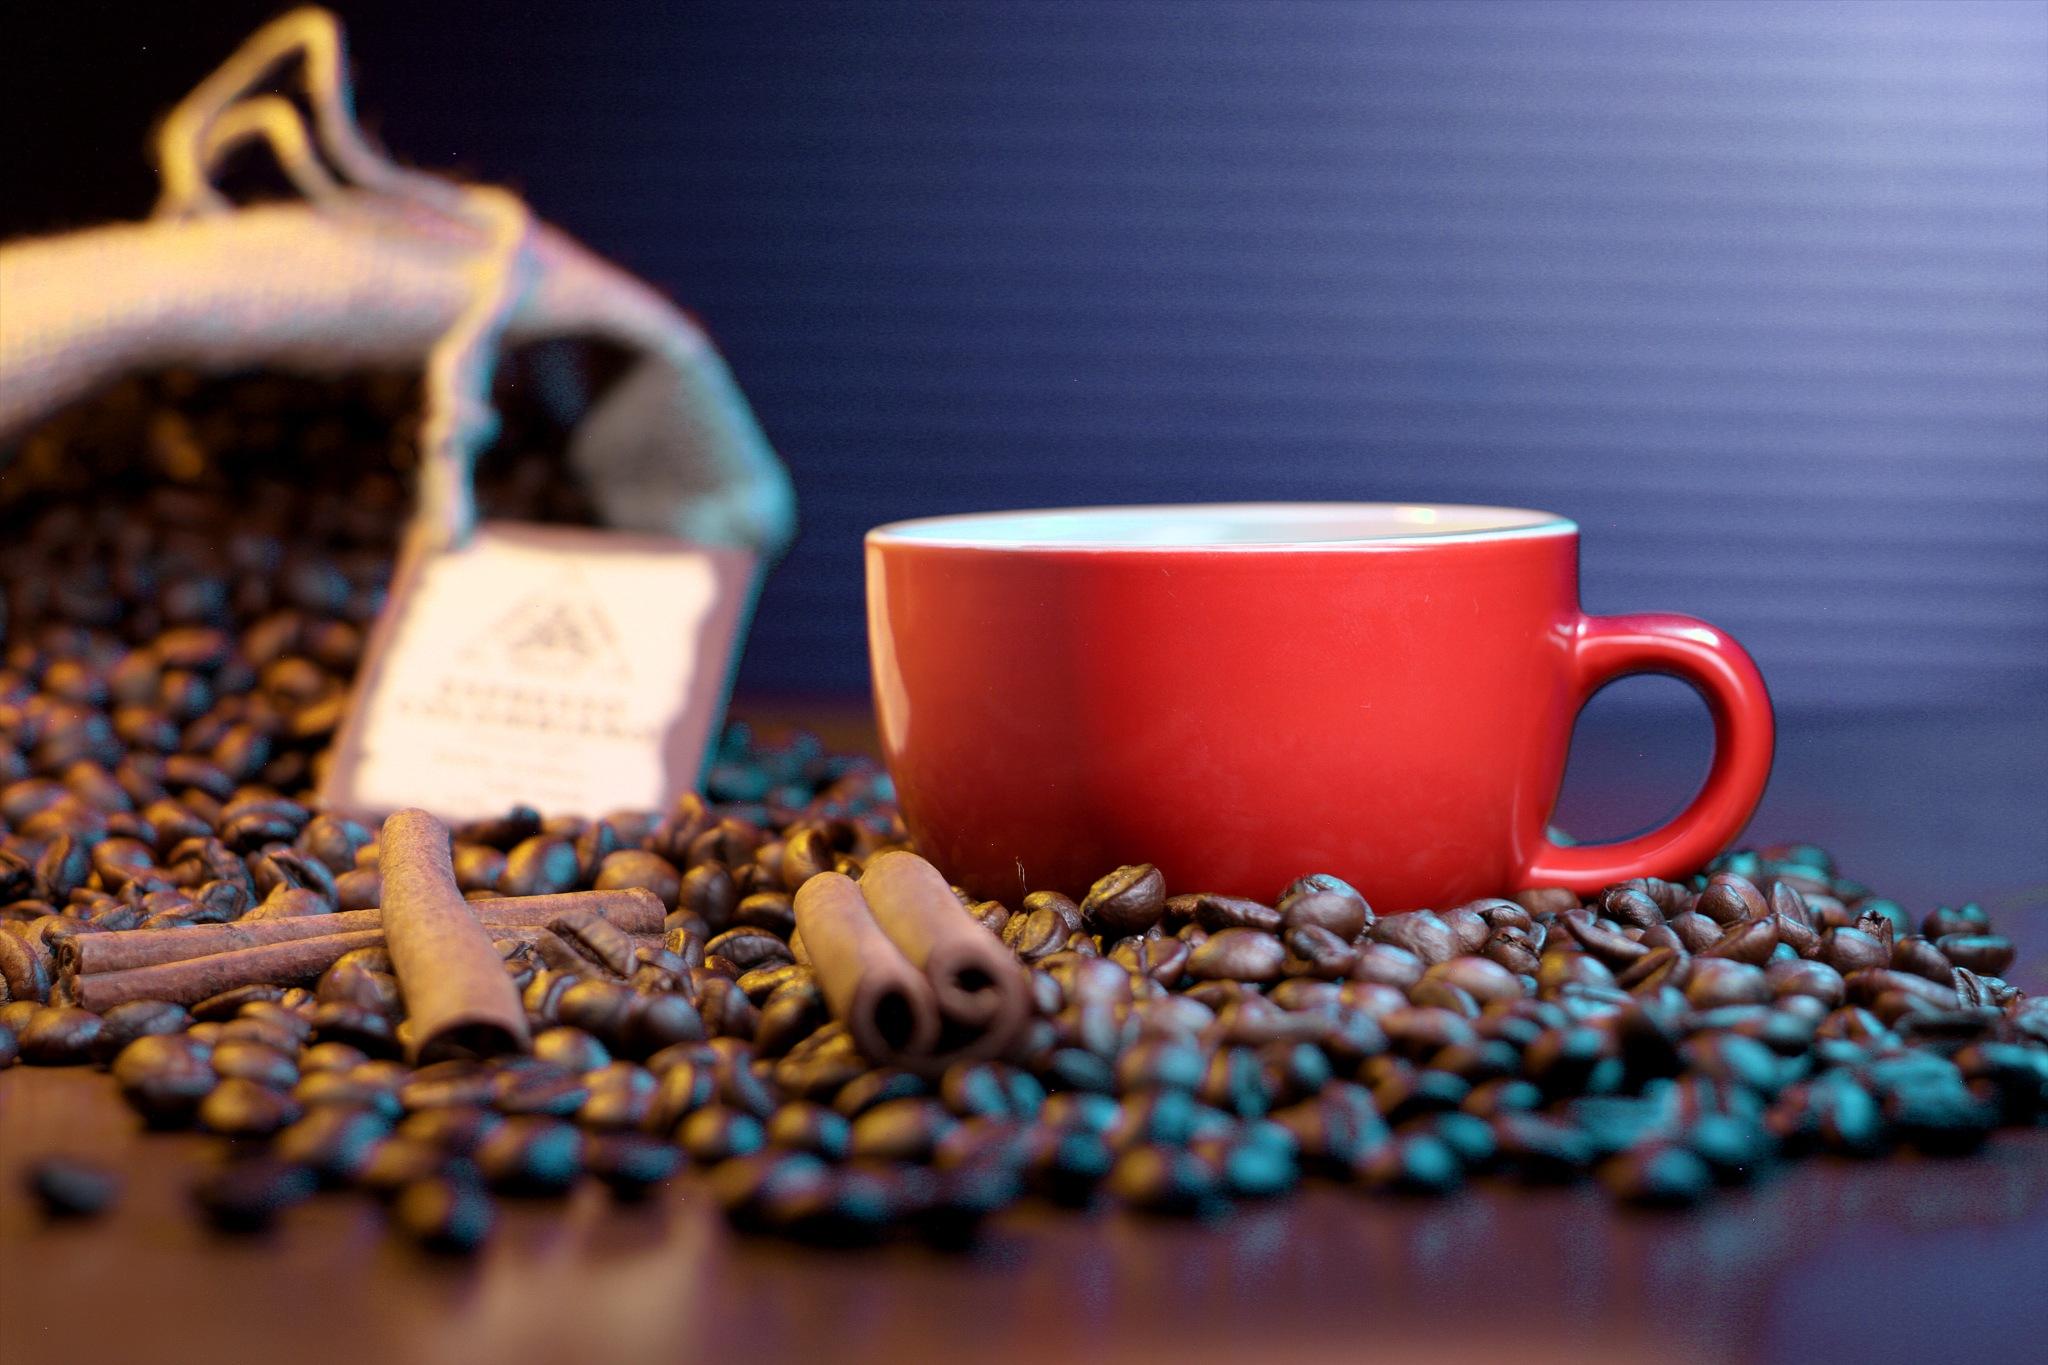 coffee still life photography by Hocine Bessalha